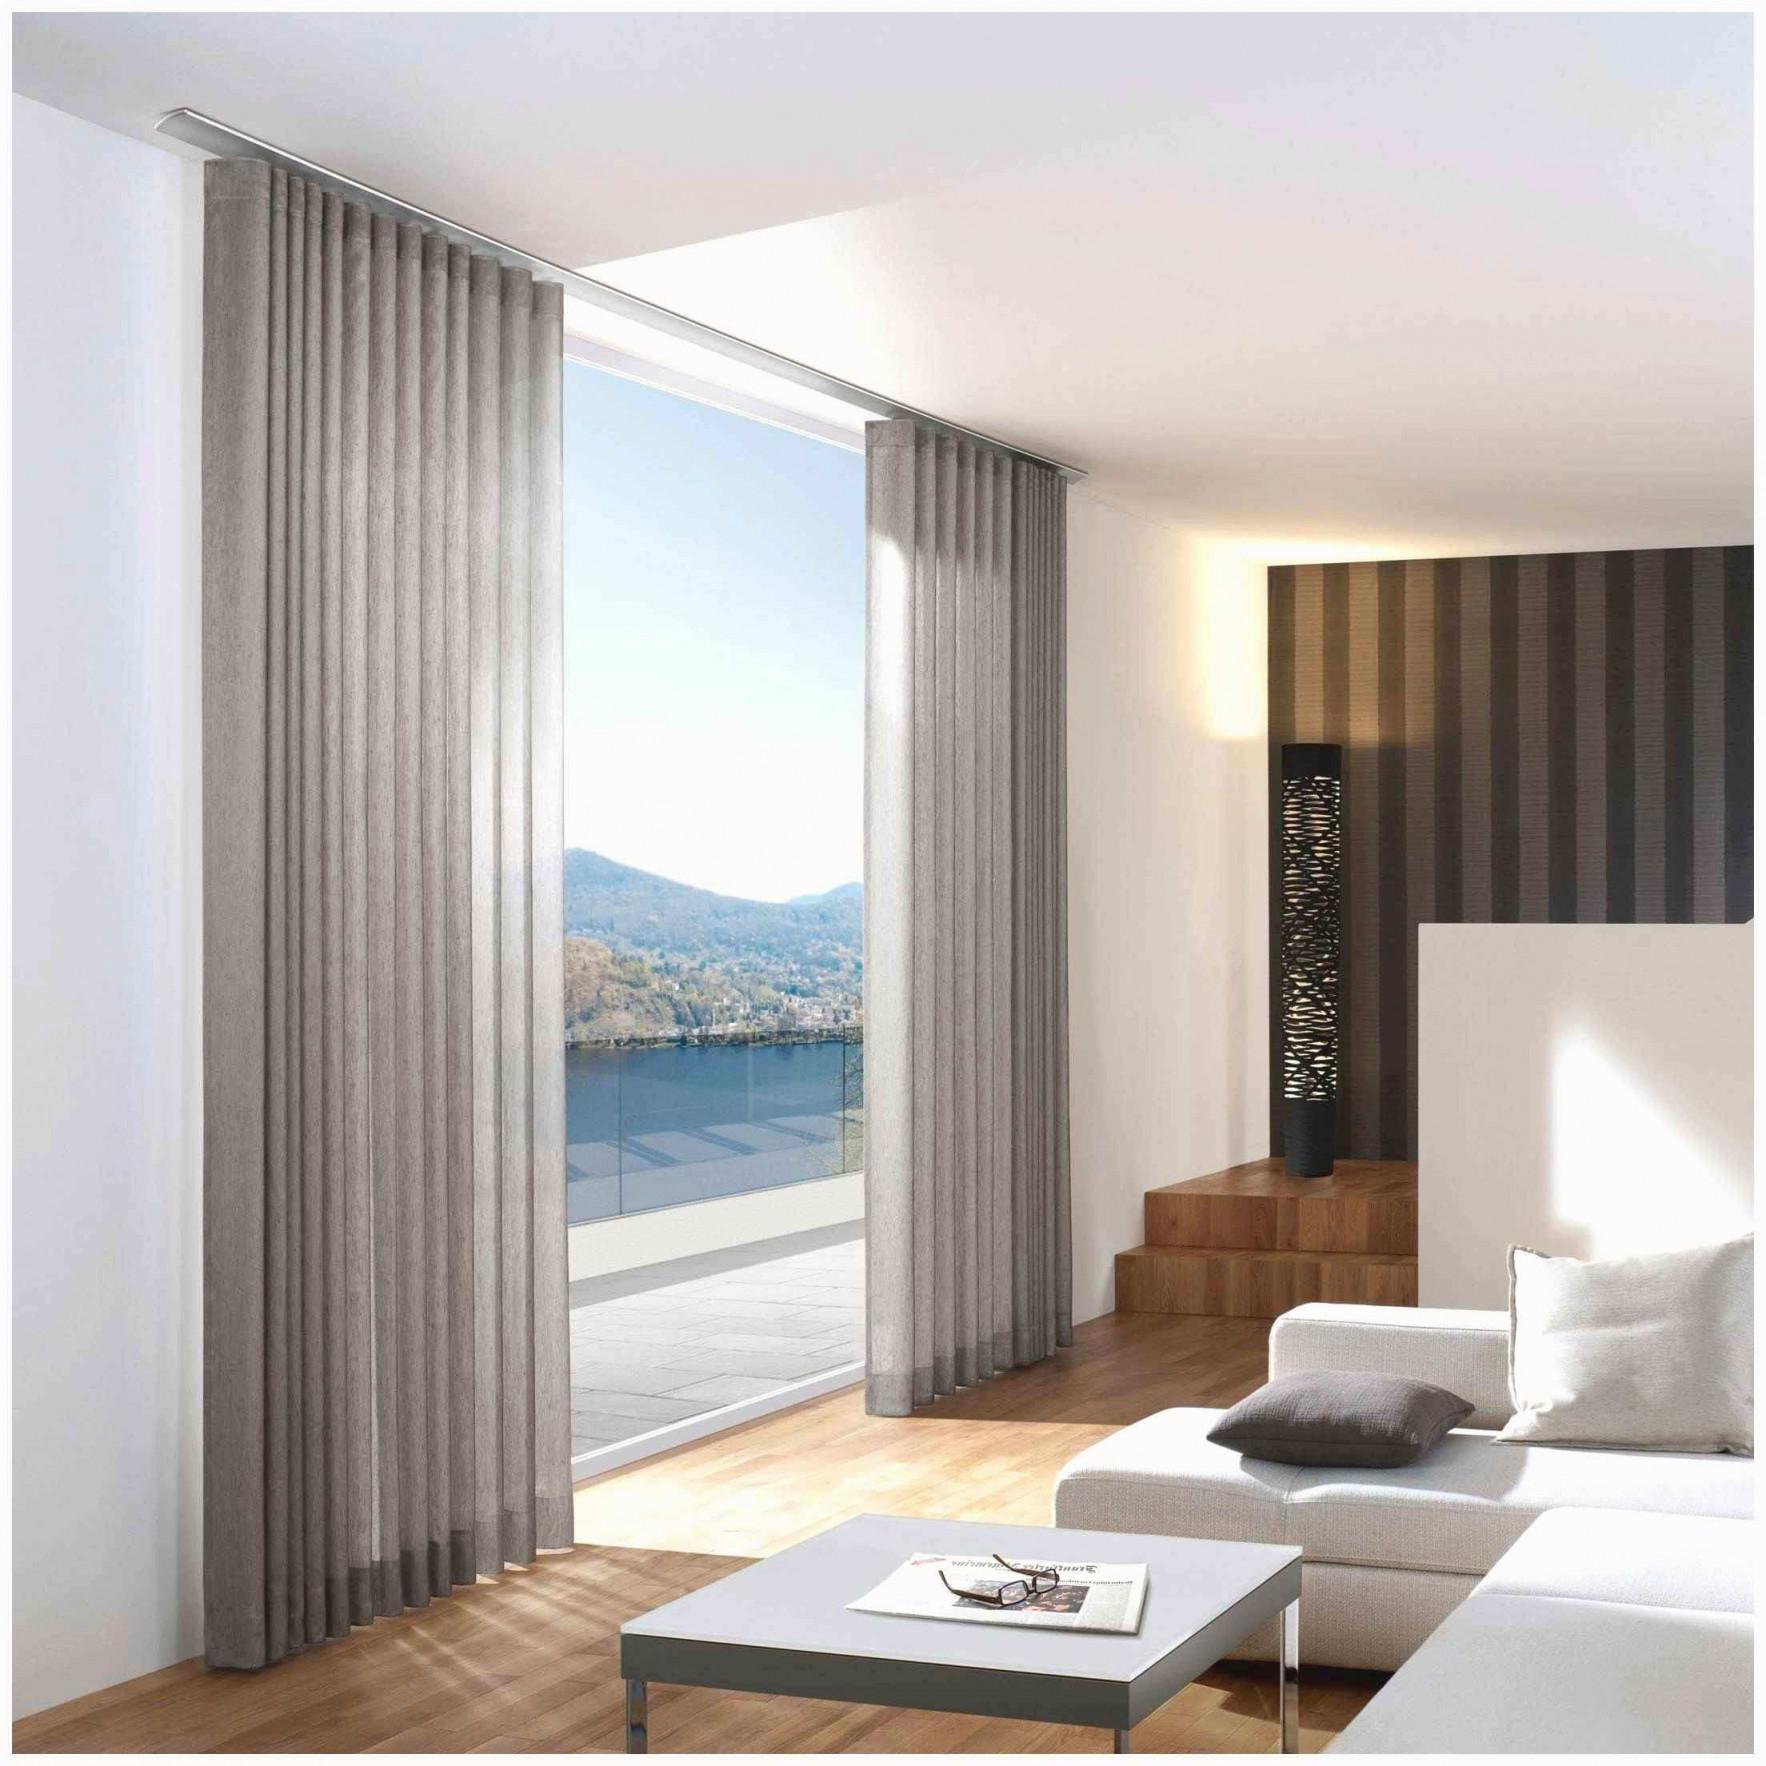 Wohnzimmer Gardinen Modern Schön Gardinen Wohnzimmer Modern von Design Gardinen Wohnzimmer Photo